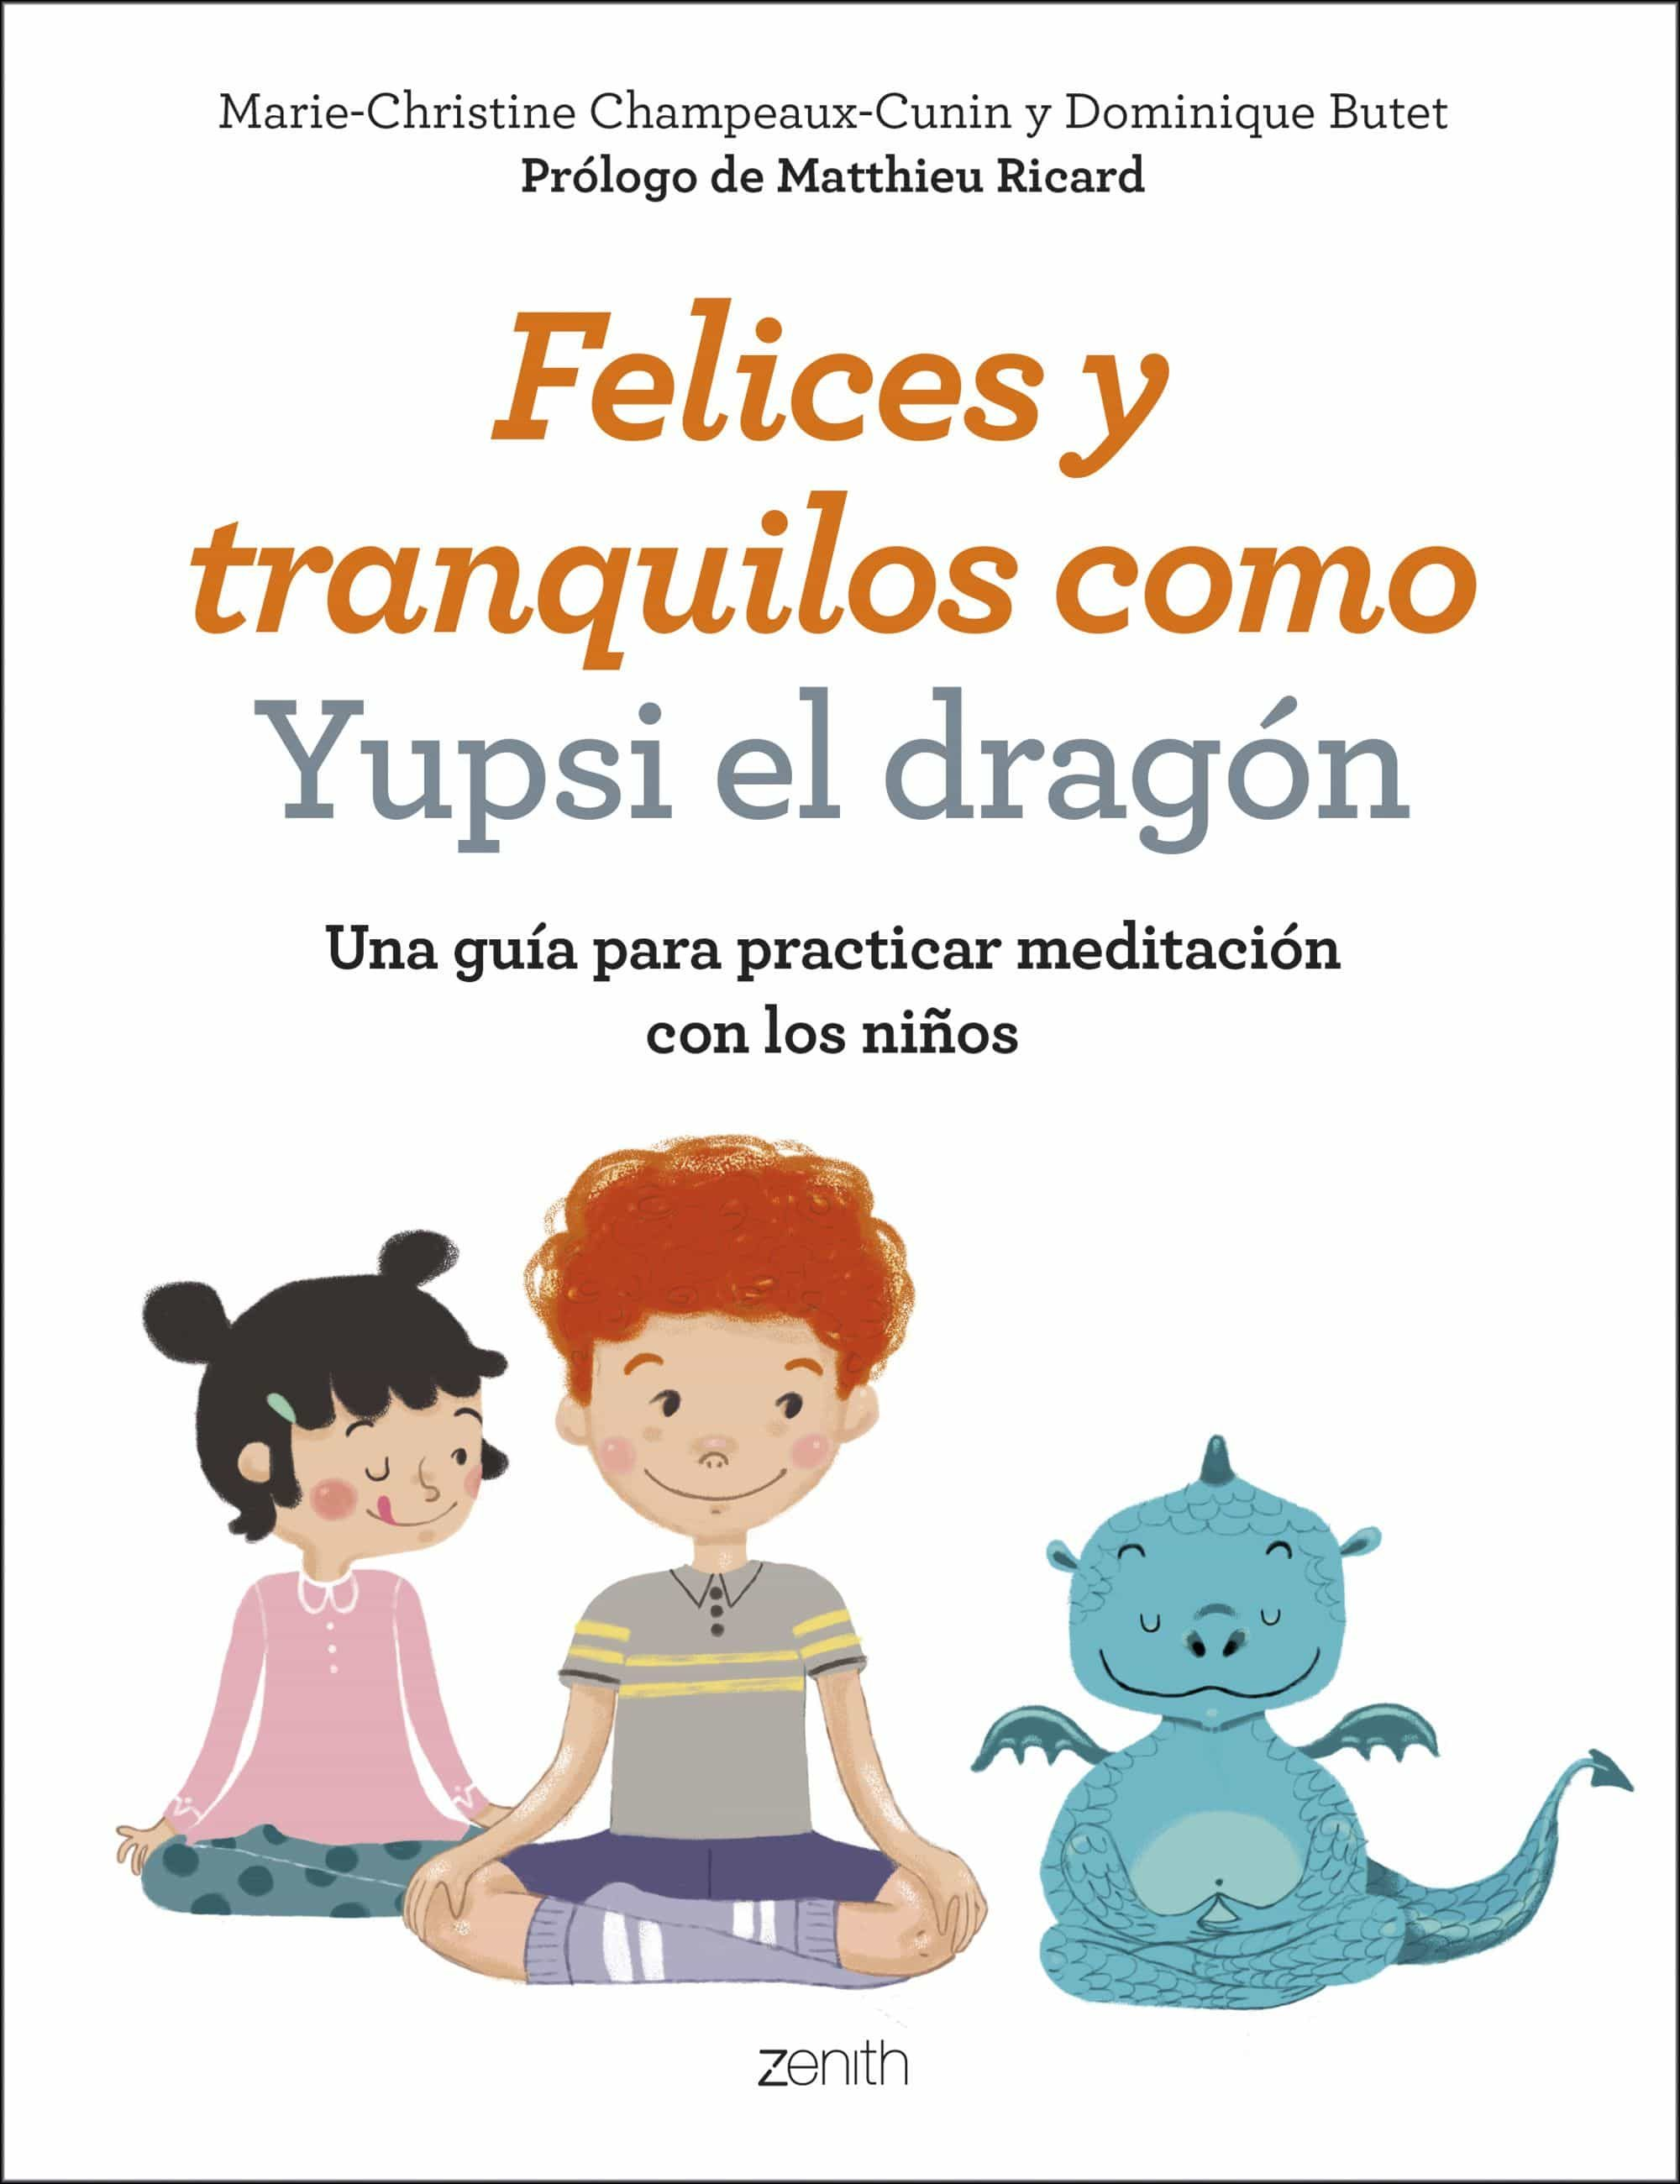 felices y tranquilos como yupsi el dragon: una guia para practicar meditacion con los niños-marie-christine champeaux-cunin-dominique butet-9788408200758